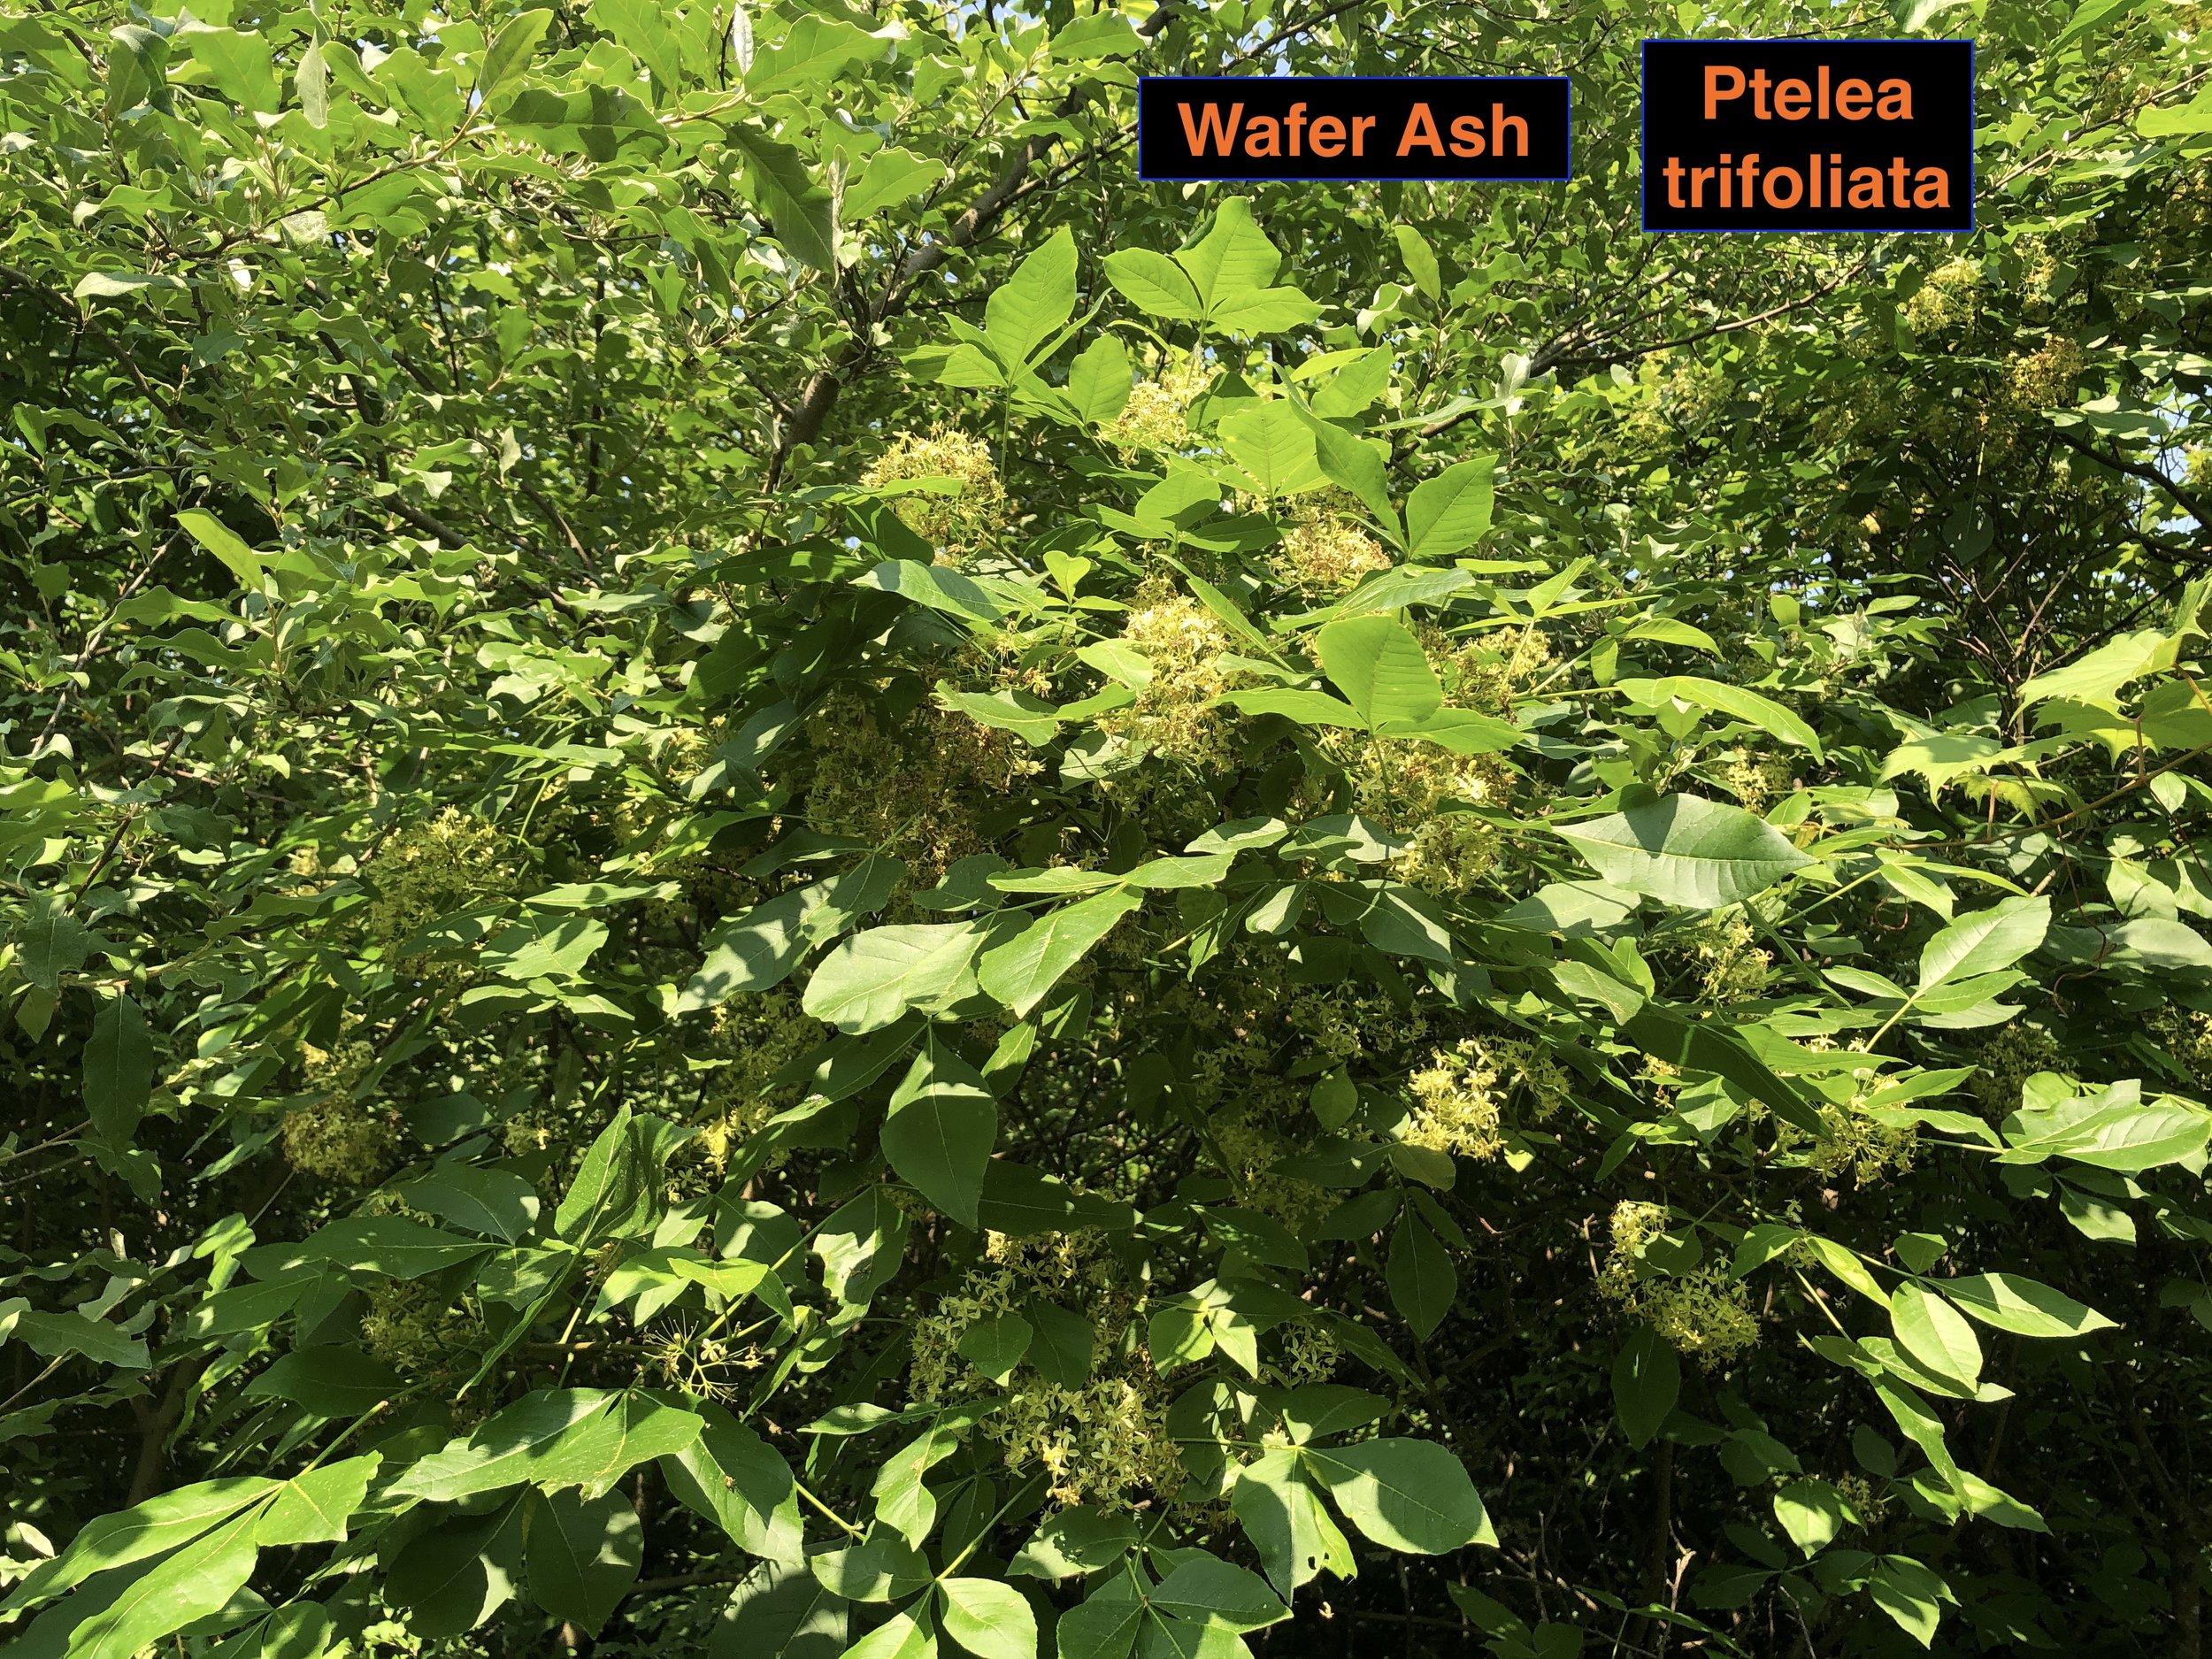 Wafer ash flower best .JPG